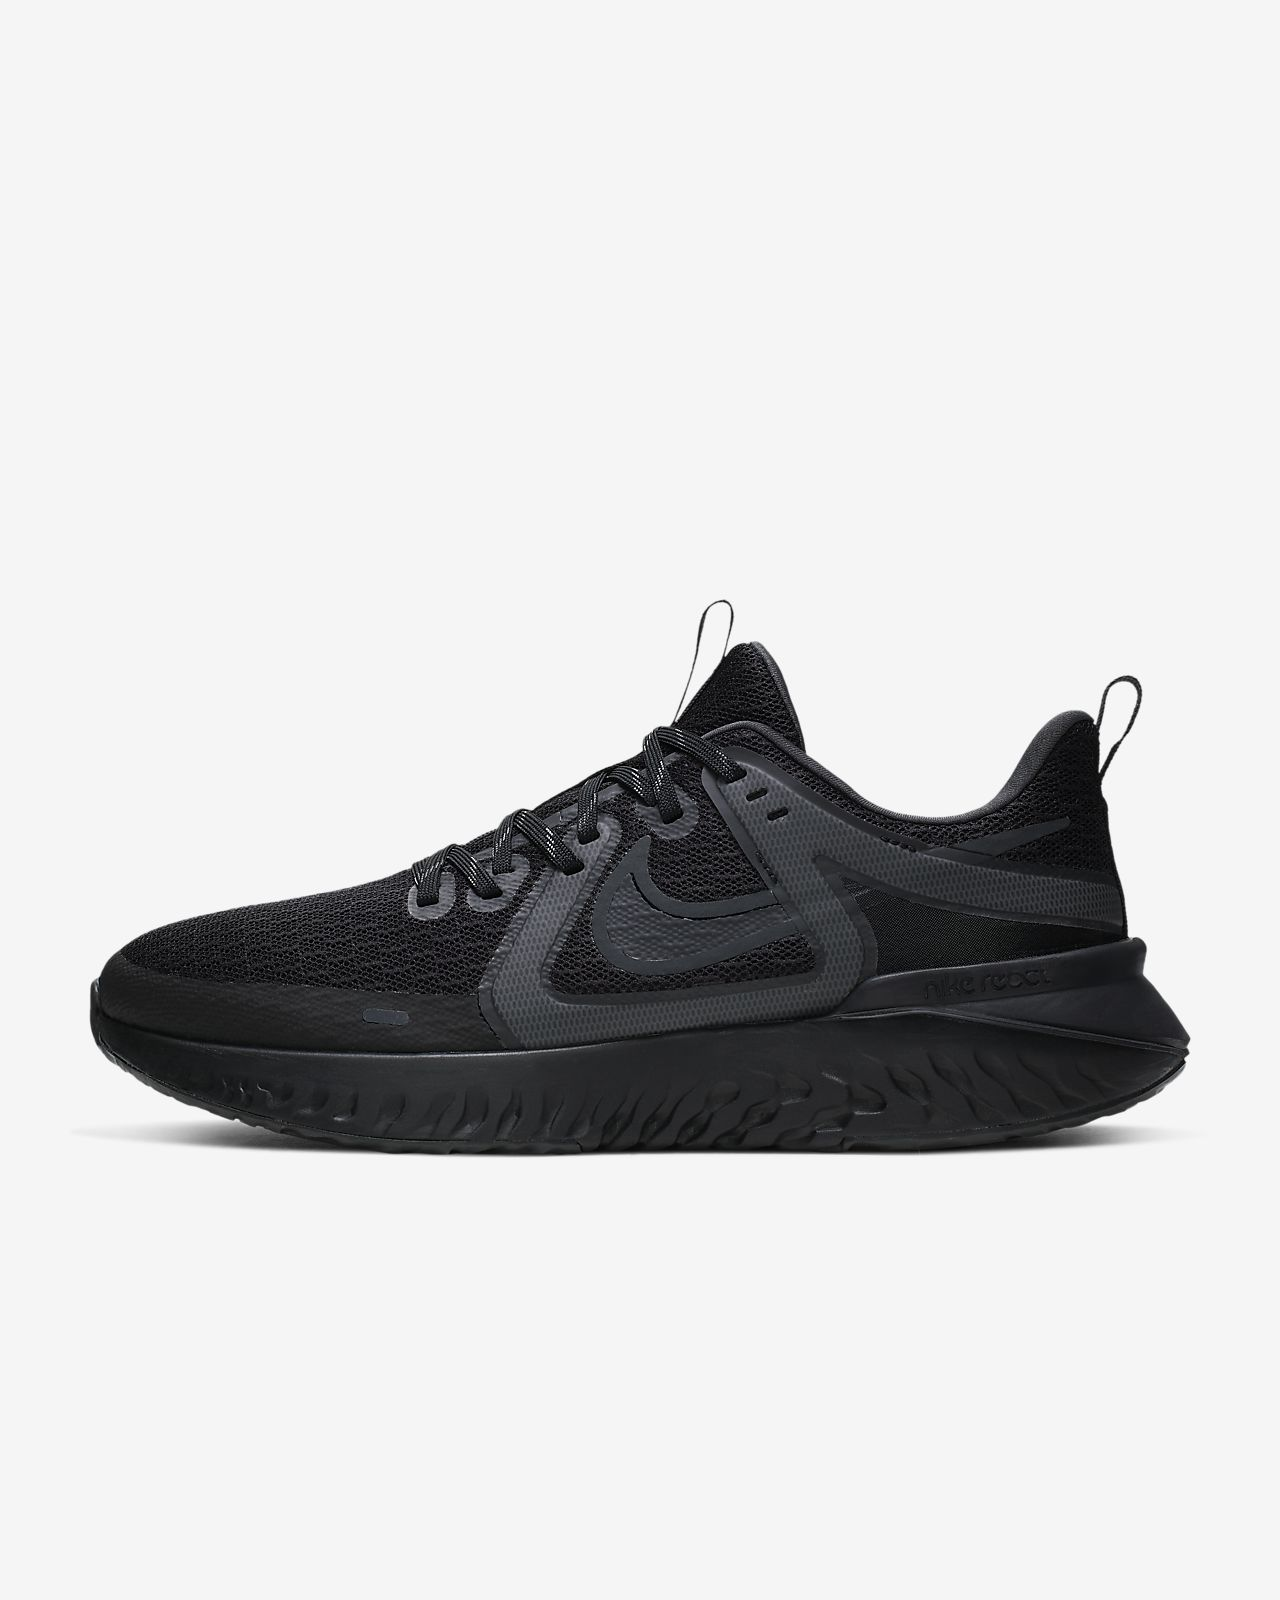 kup tanio połowa ceny najlepiej sprzedający się Męskie buty do biegania Nike Legend React 2